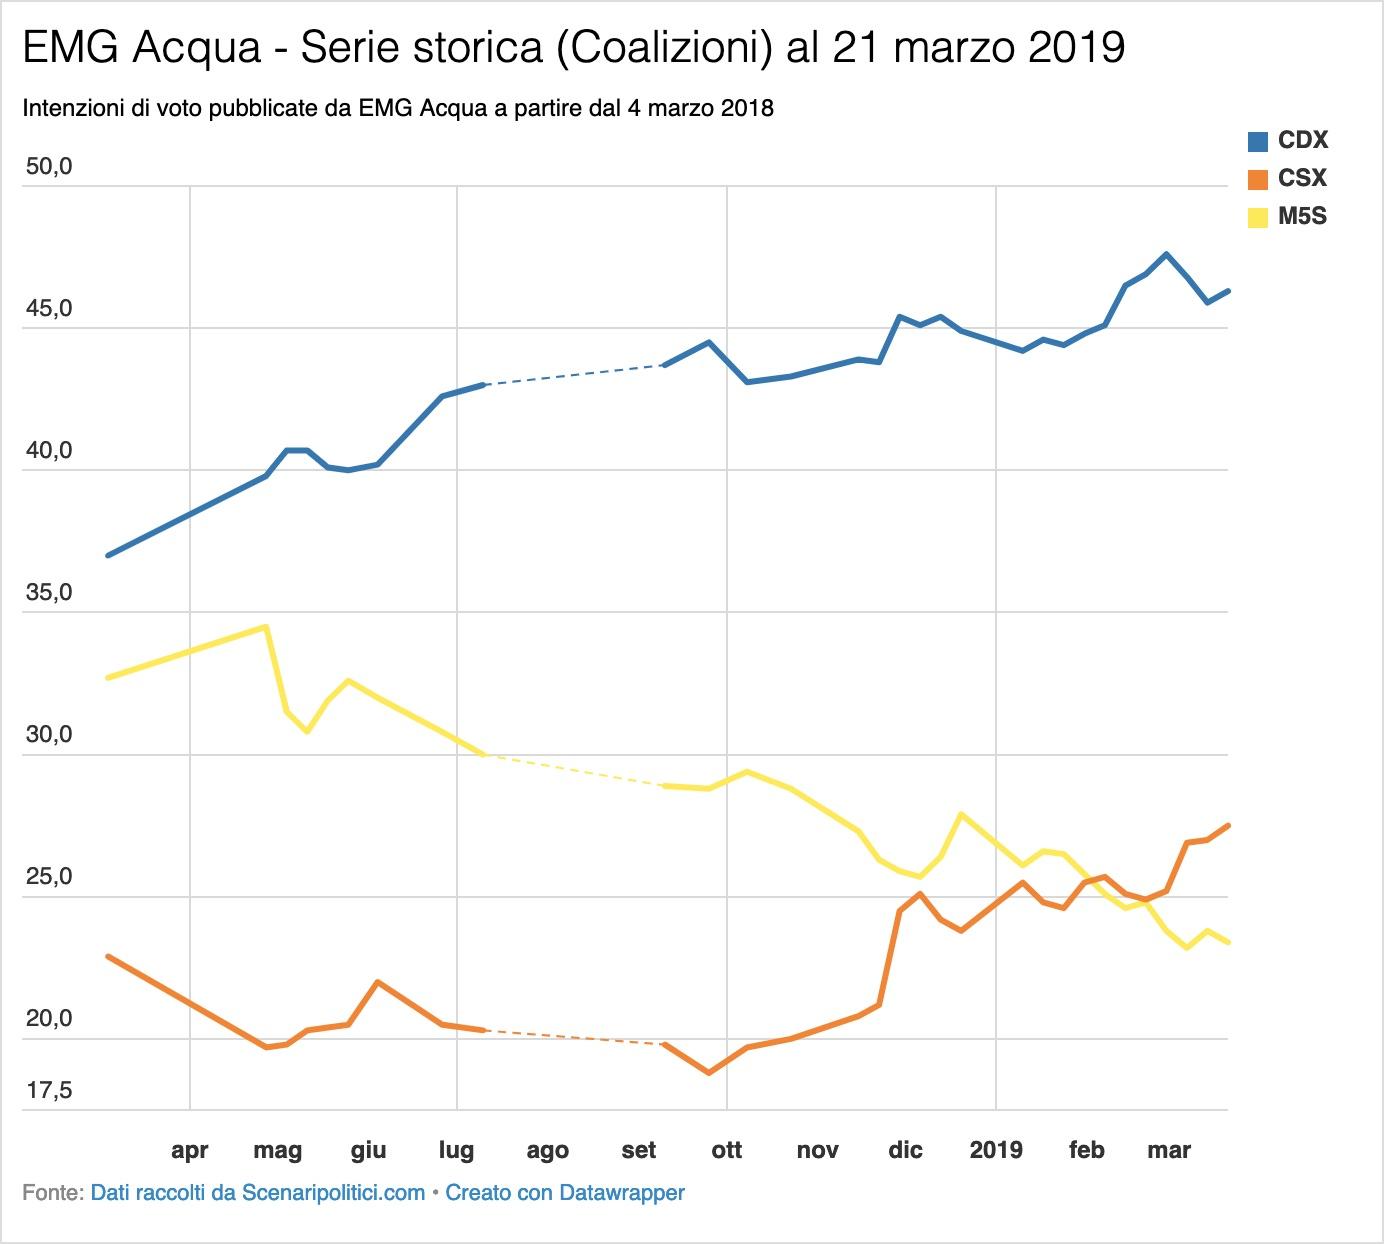 Sondaggio EMG Acqua 21 marzo 2019